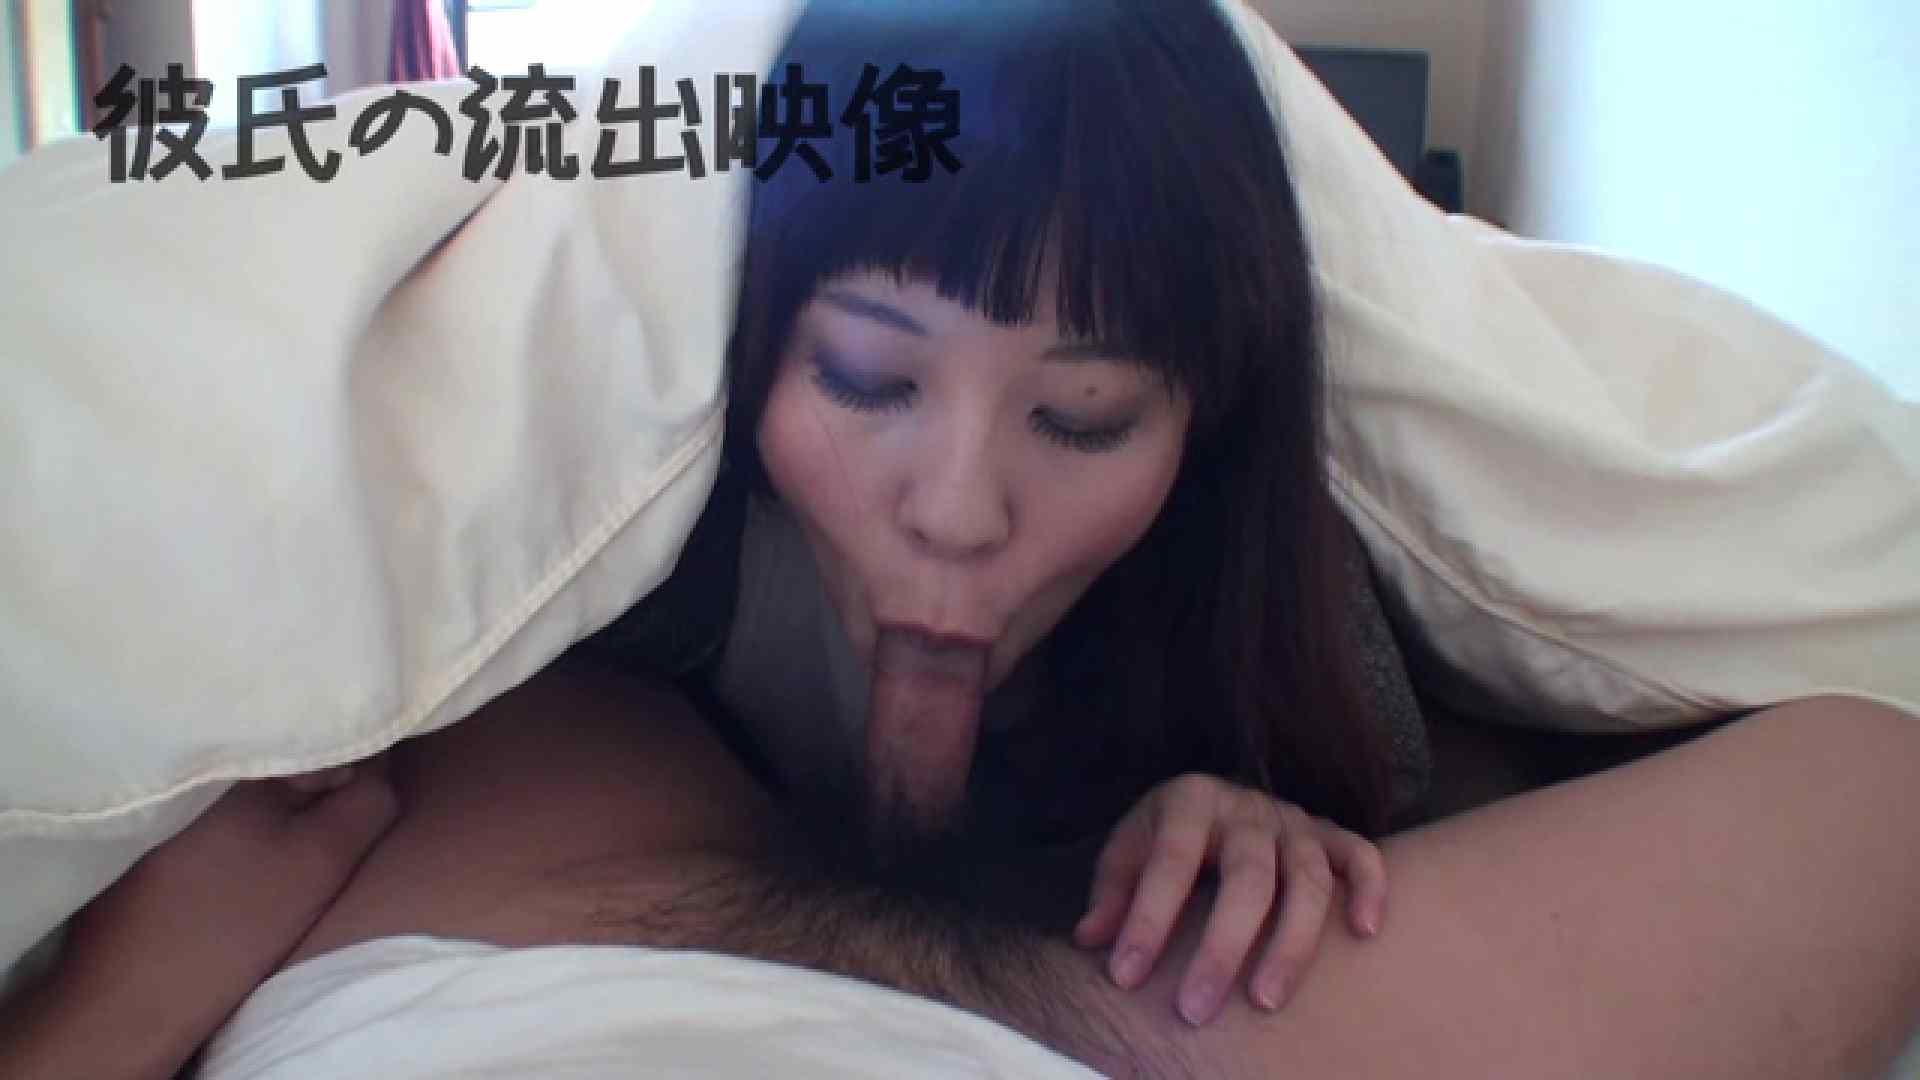 彼氏が流出 パイパン素人嬢のハメ撮り映像05 パイパンギャル | 一般投稿  72画像 10